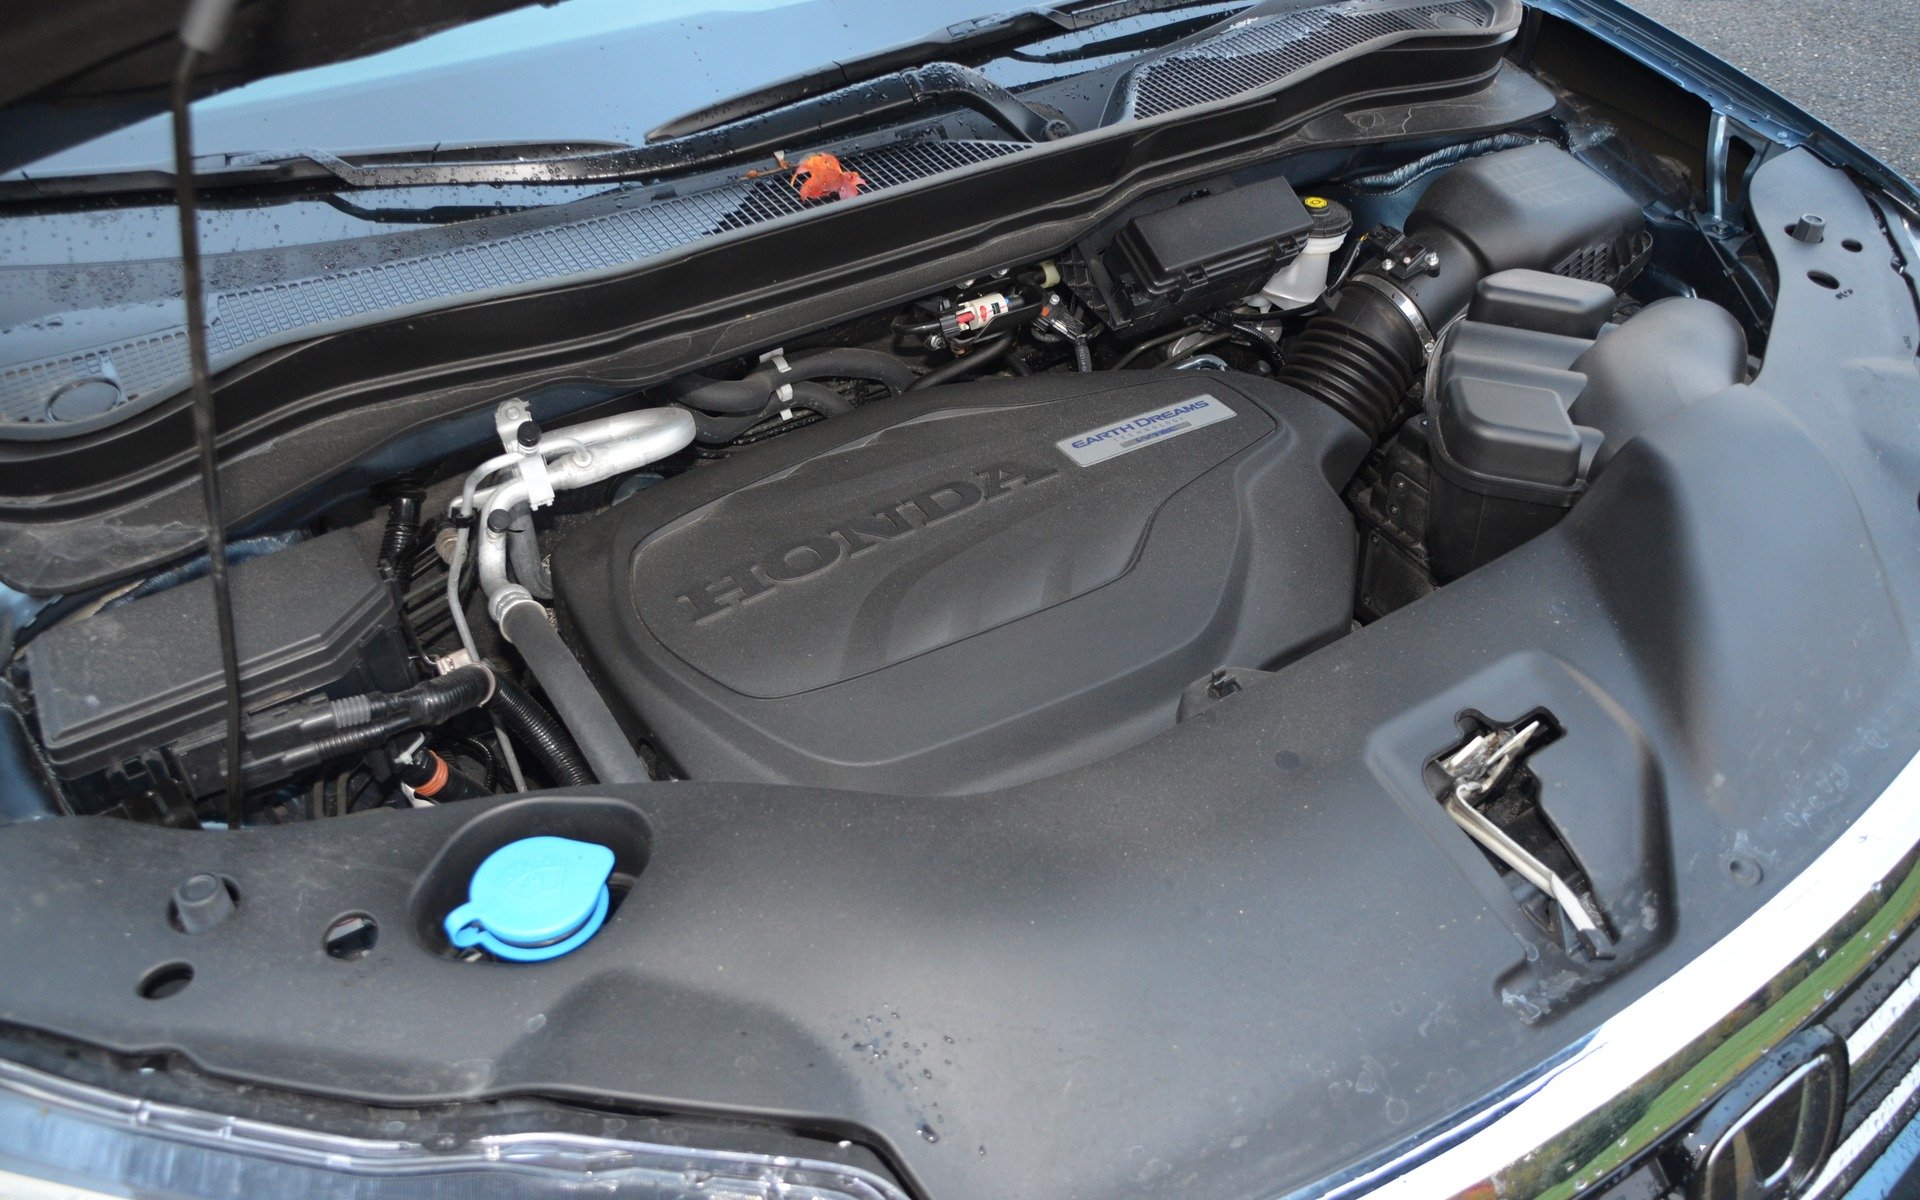 <p>Ce V6 de 3,5 litres d&eacute;veloppe 280 chevaux et 262 livres-pied.</p>